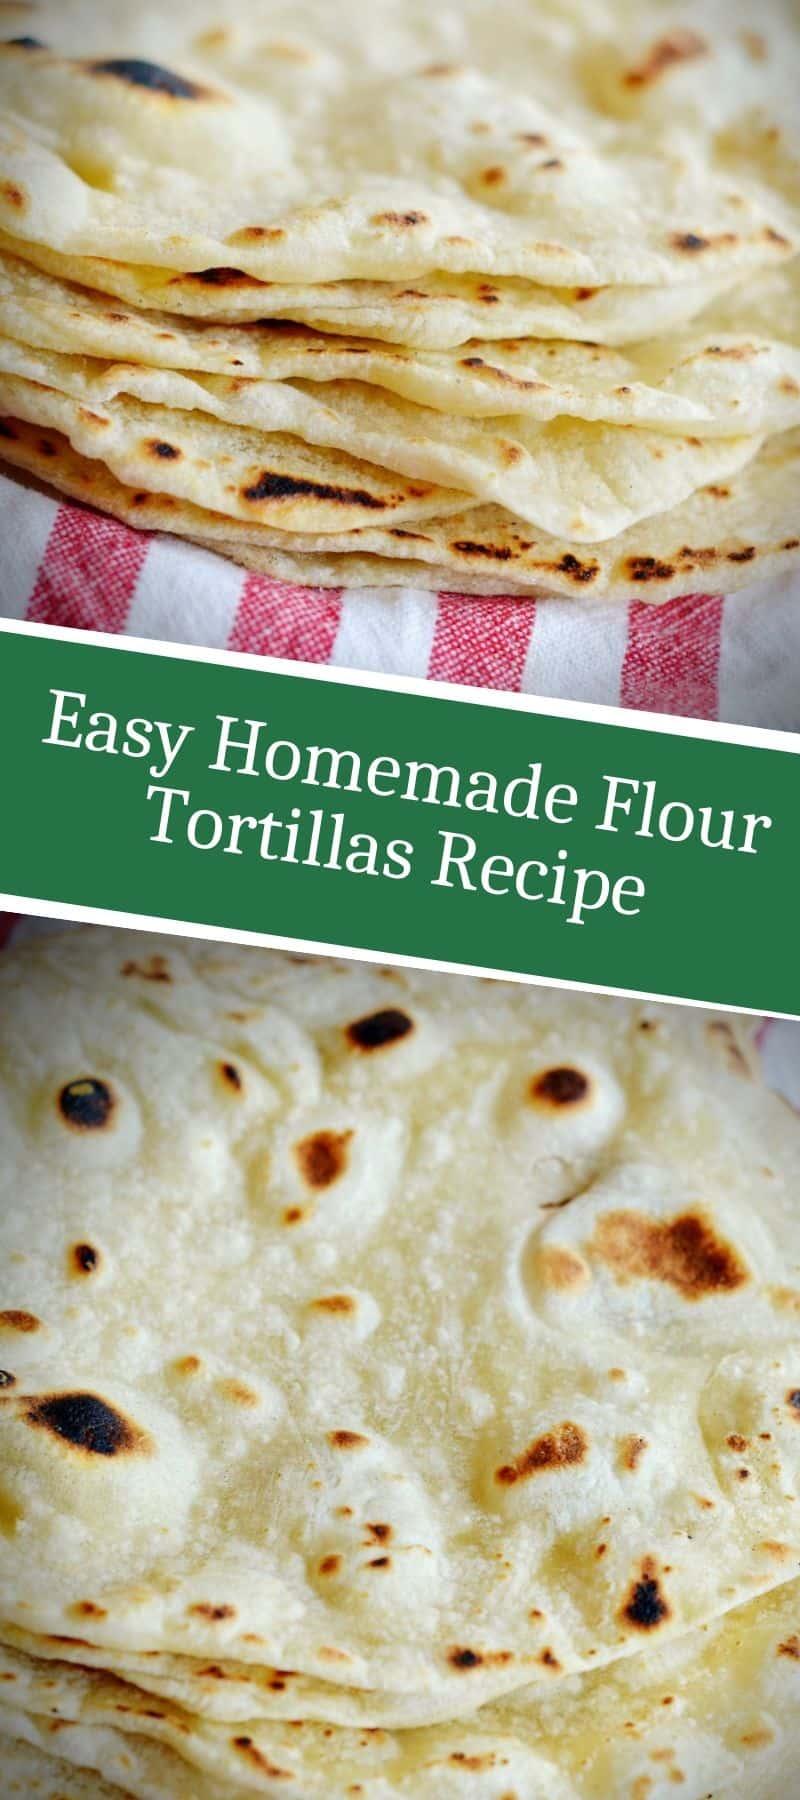 Easy Homemade Flour Tortillas Recipe 3